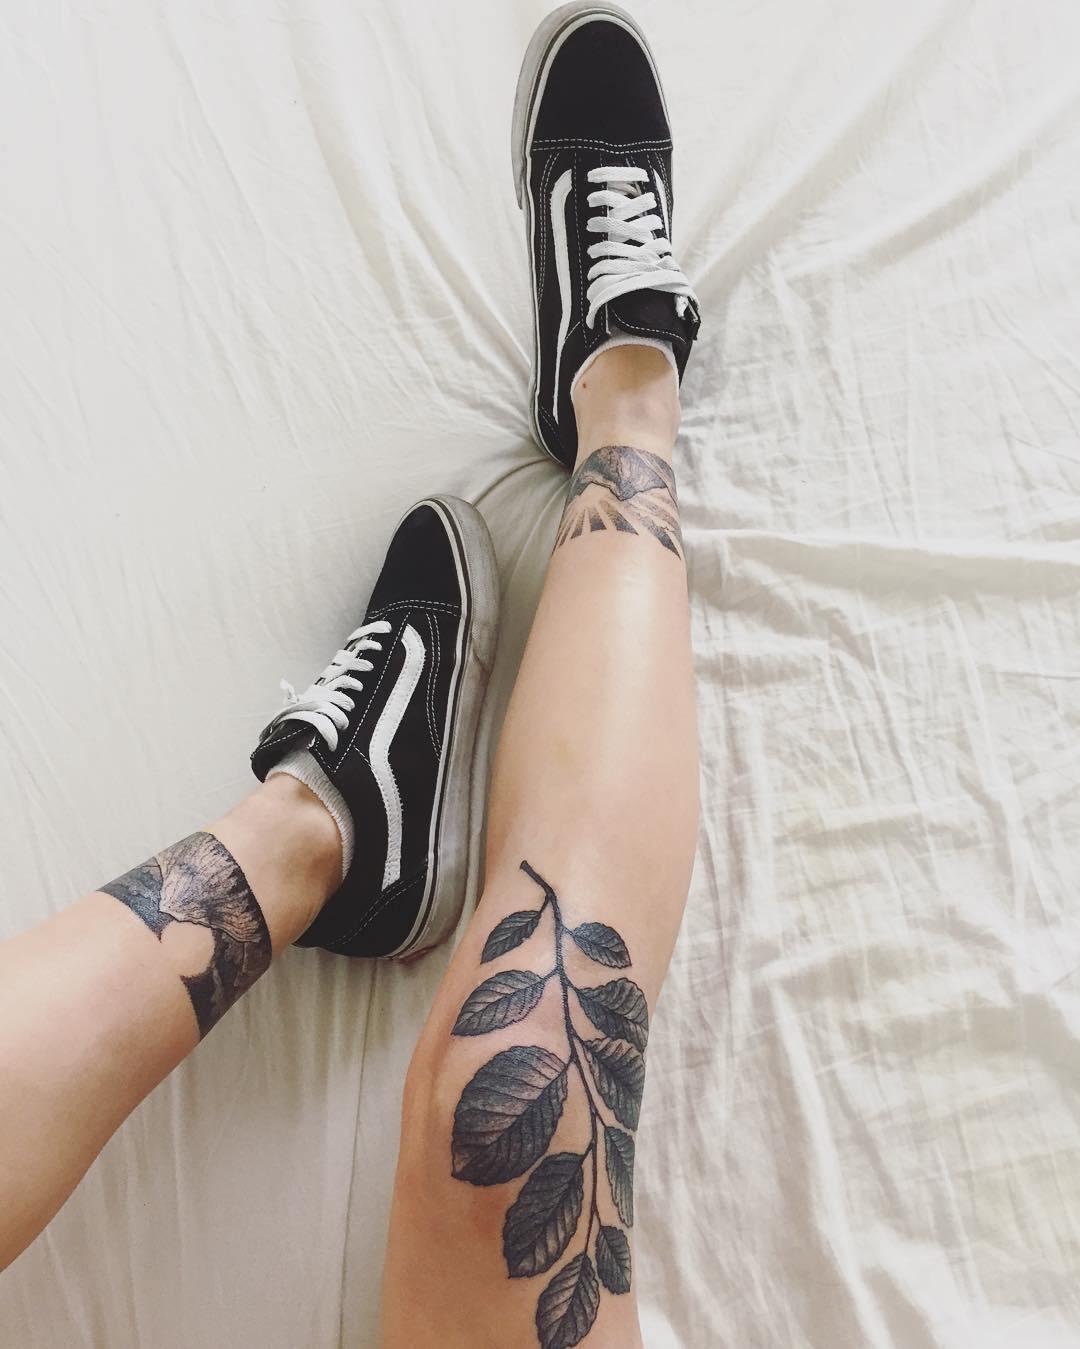 Tatu_na_noge (8)